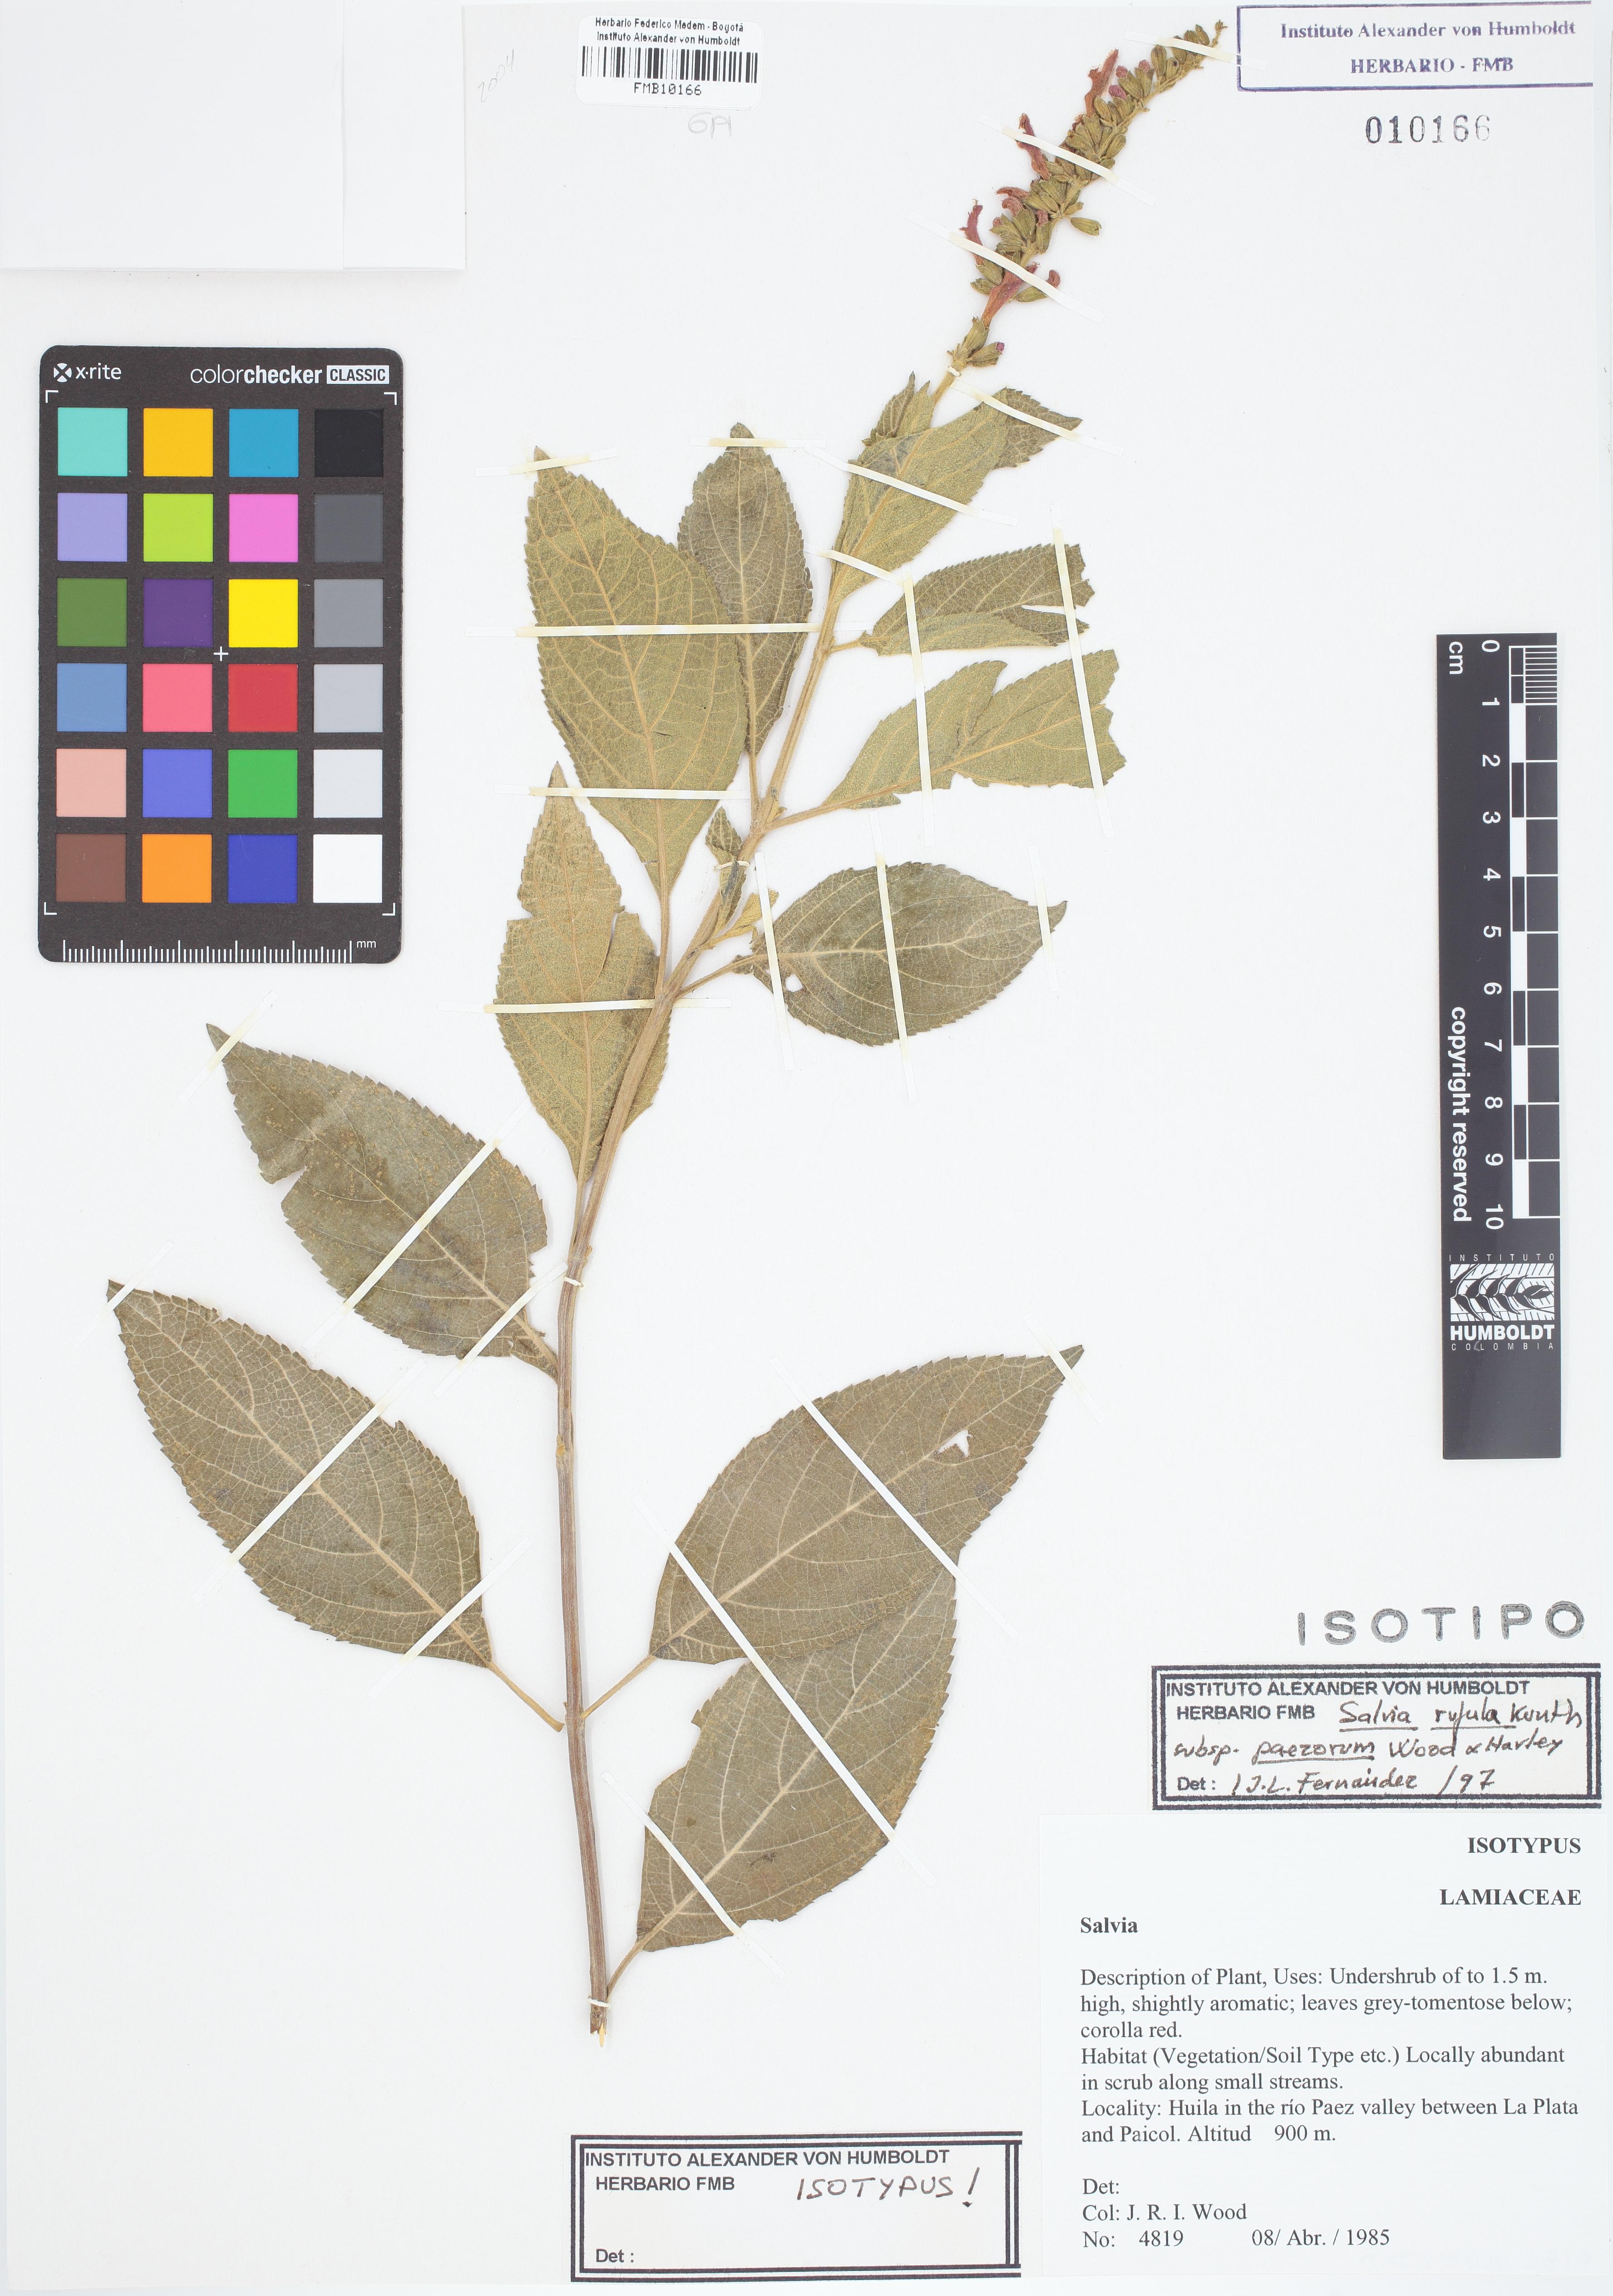 Isotipo de <em>Salvia rufula</em> subsp. <em>paezorum</em>, FMB-10166, Fotografía por Robles A.